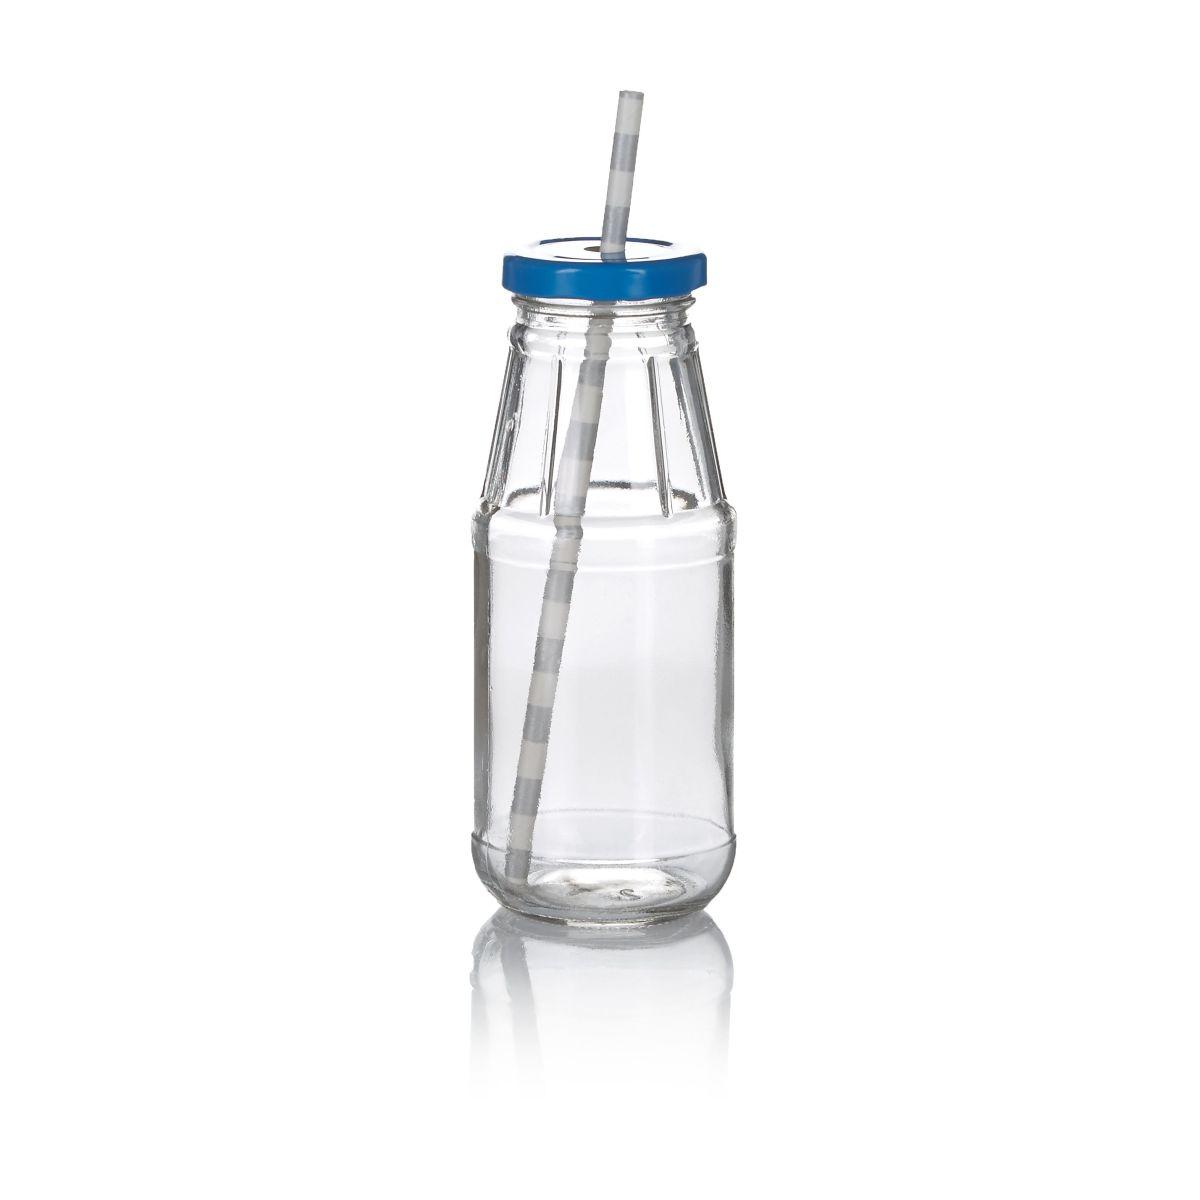 Milchflaschen-Set, 6-tlg. inkl. Strohhalme, mit Deckel, inkl. Strohhalme (Impressionen)